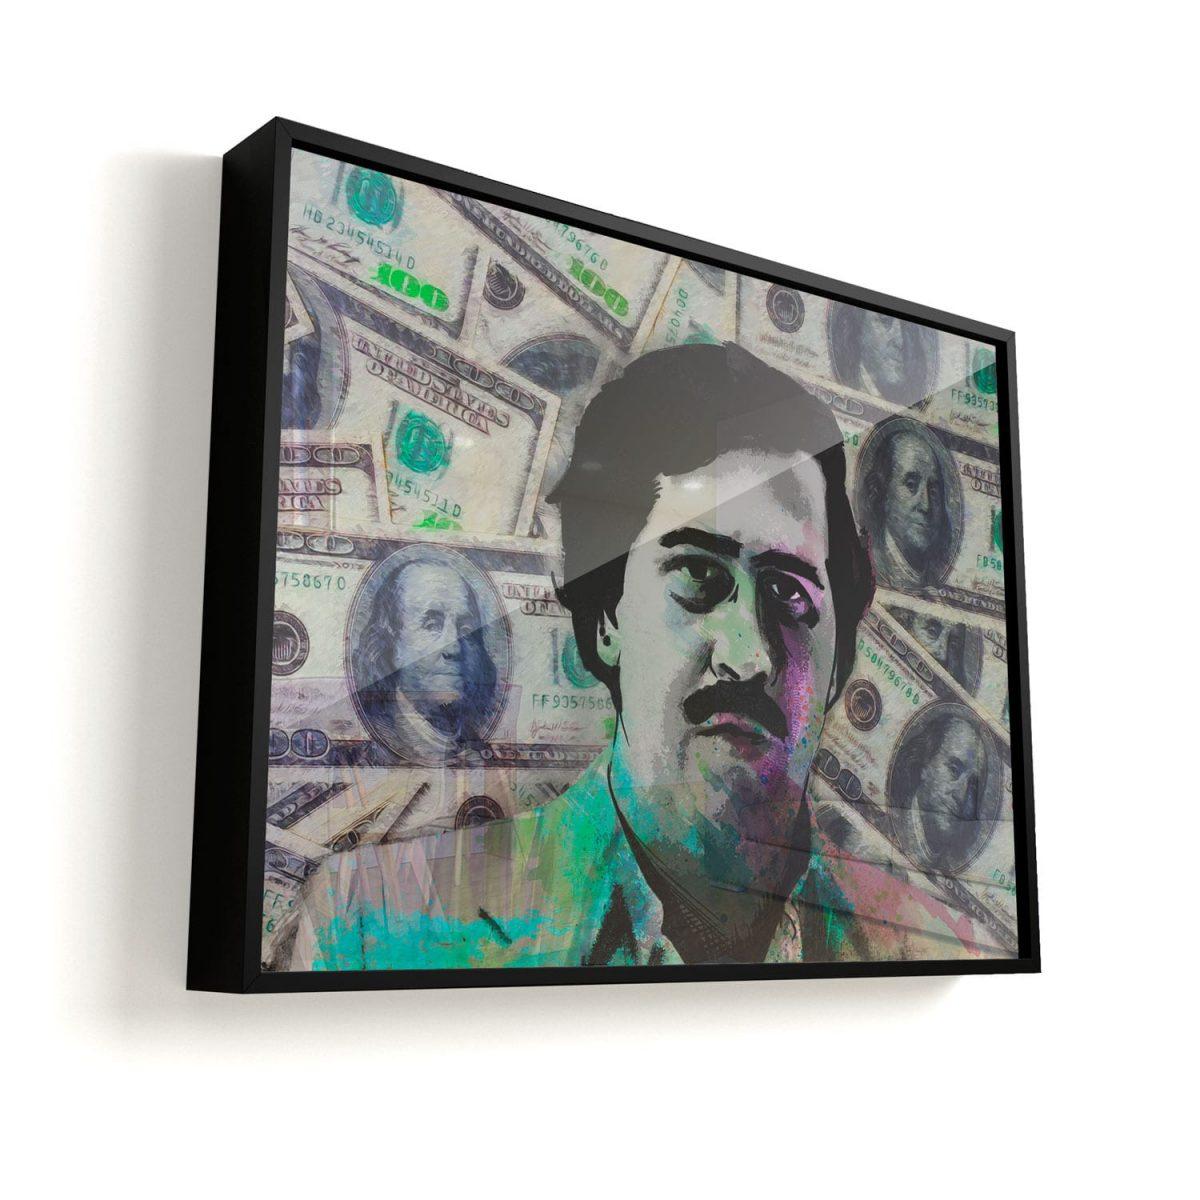 Quadro Pablo Escobar Especial Edition vidro